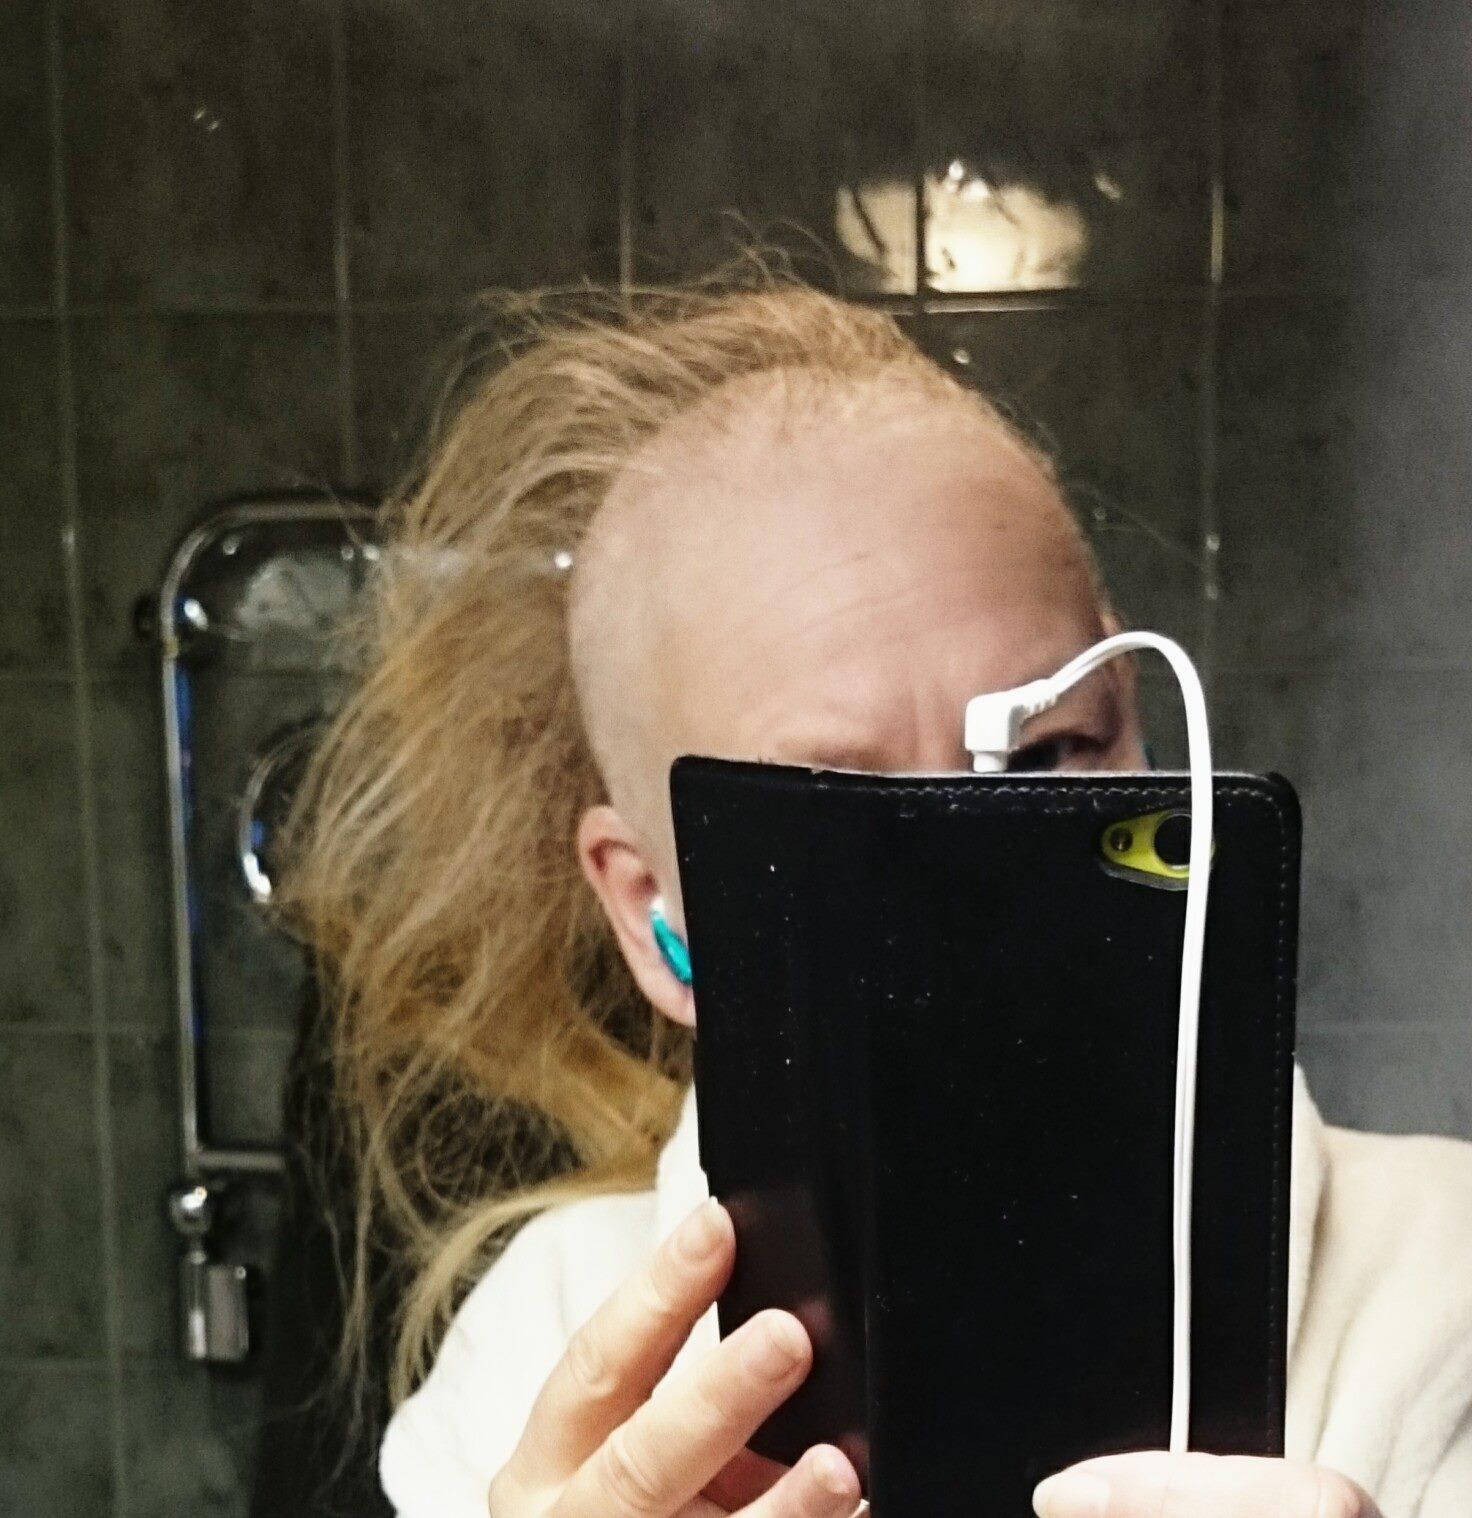 kala fläckar på huvudet